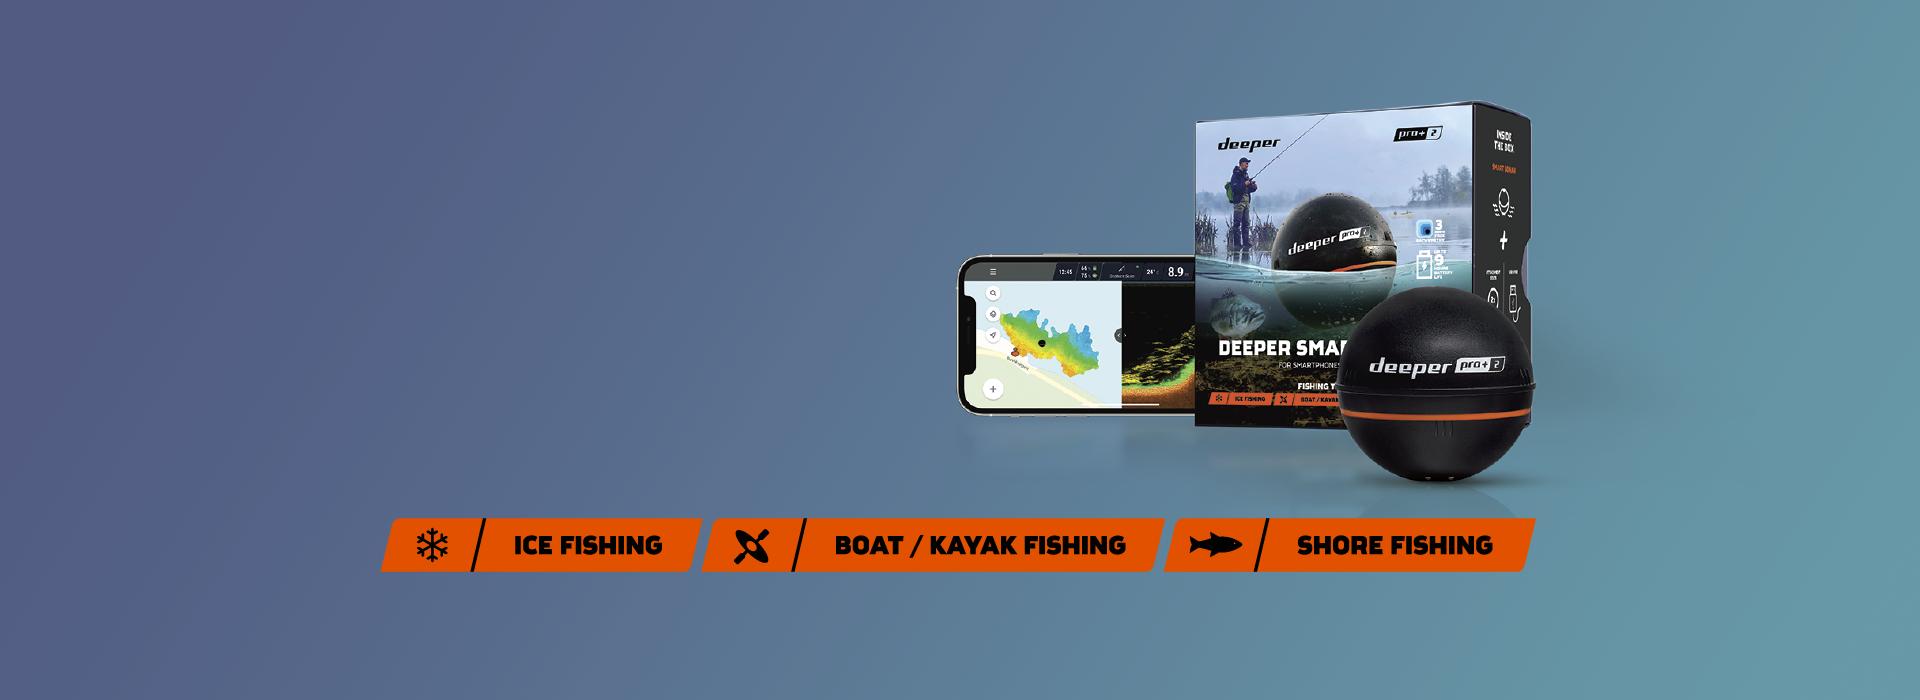 Deeper PRO+ 2 yang baru!  Disukai oleh pemancing di seluruh dunia. Kini bertambah baik dan lebih baik dari sebelumnya.